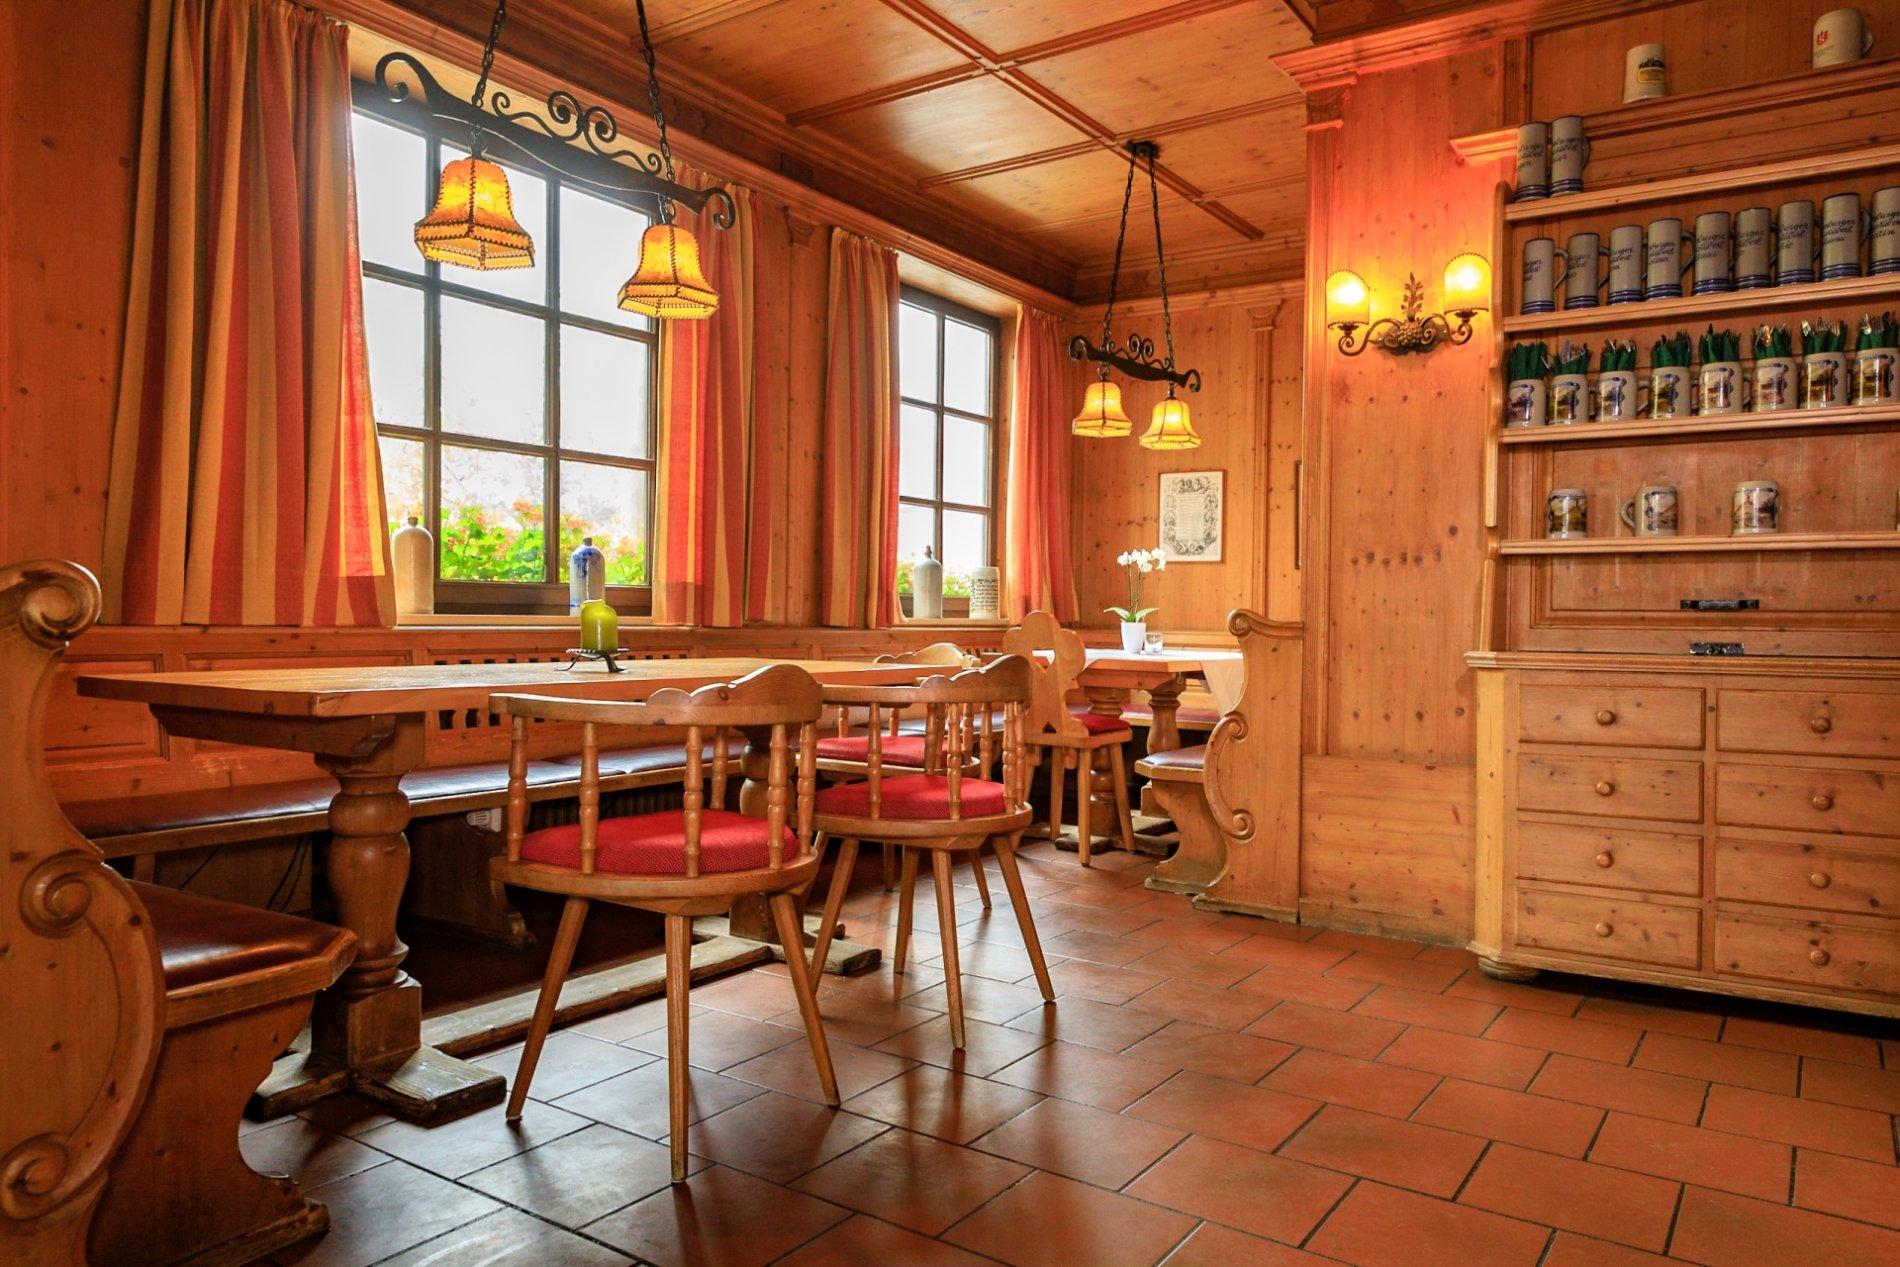 Gastraum im Siegenburger Bräustüberl